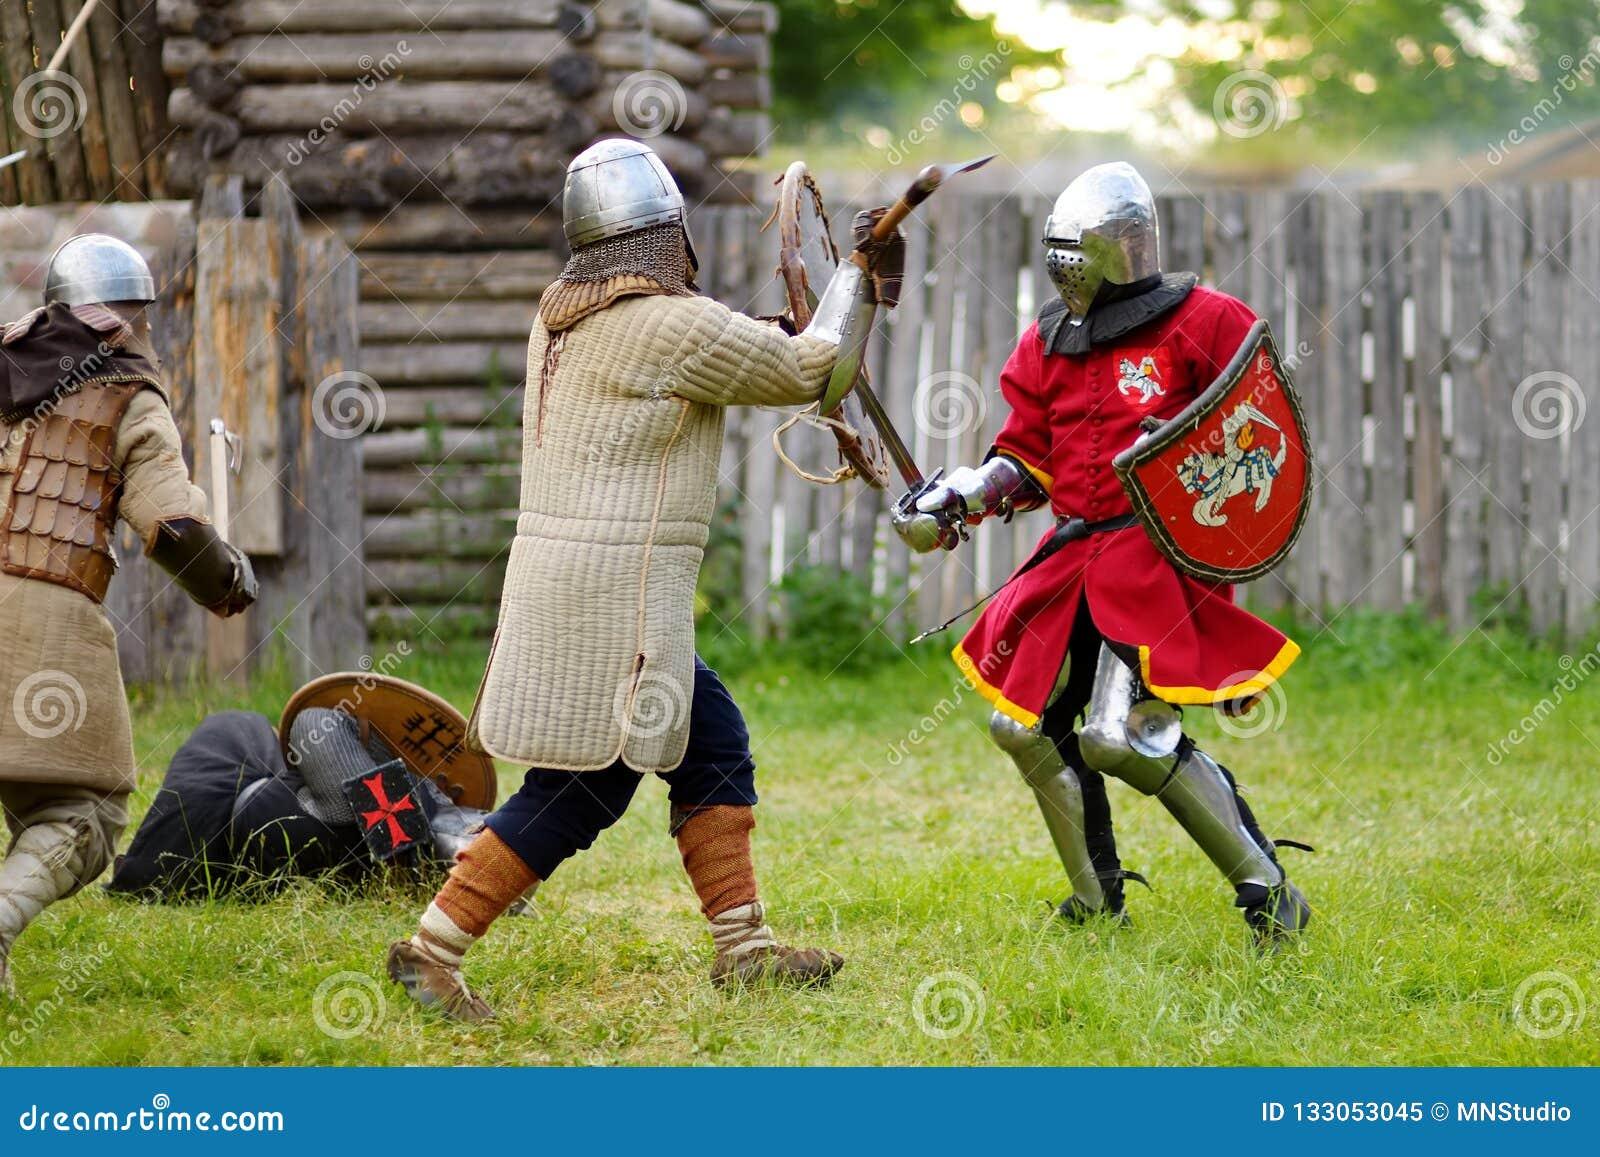 Trajes del caballero de la gente que llevan durante la reconstrucción histórica en el festival medieval anual, llevado a cabo en